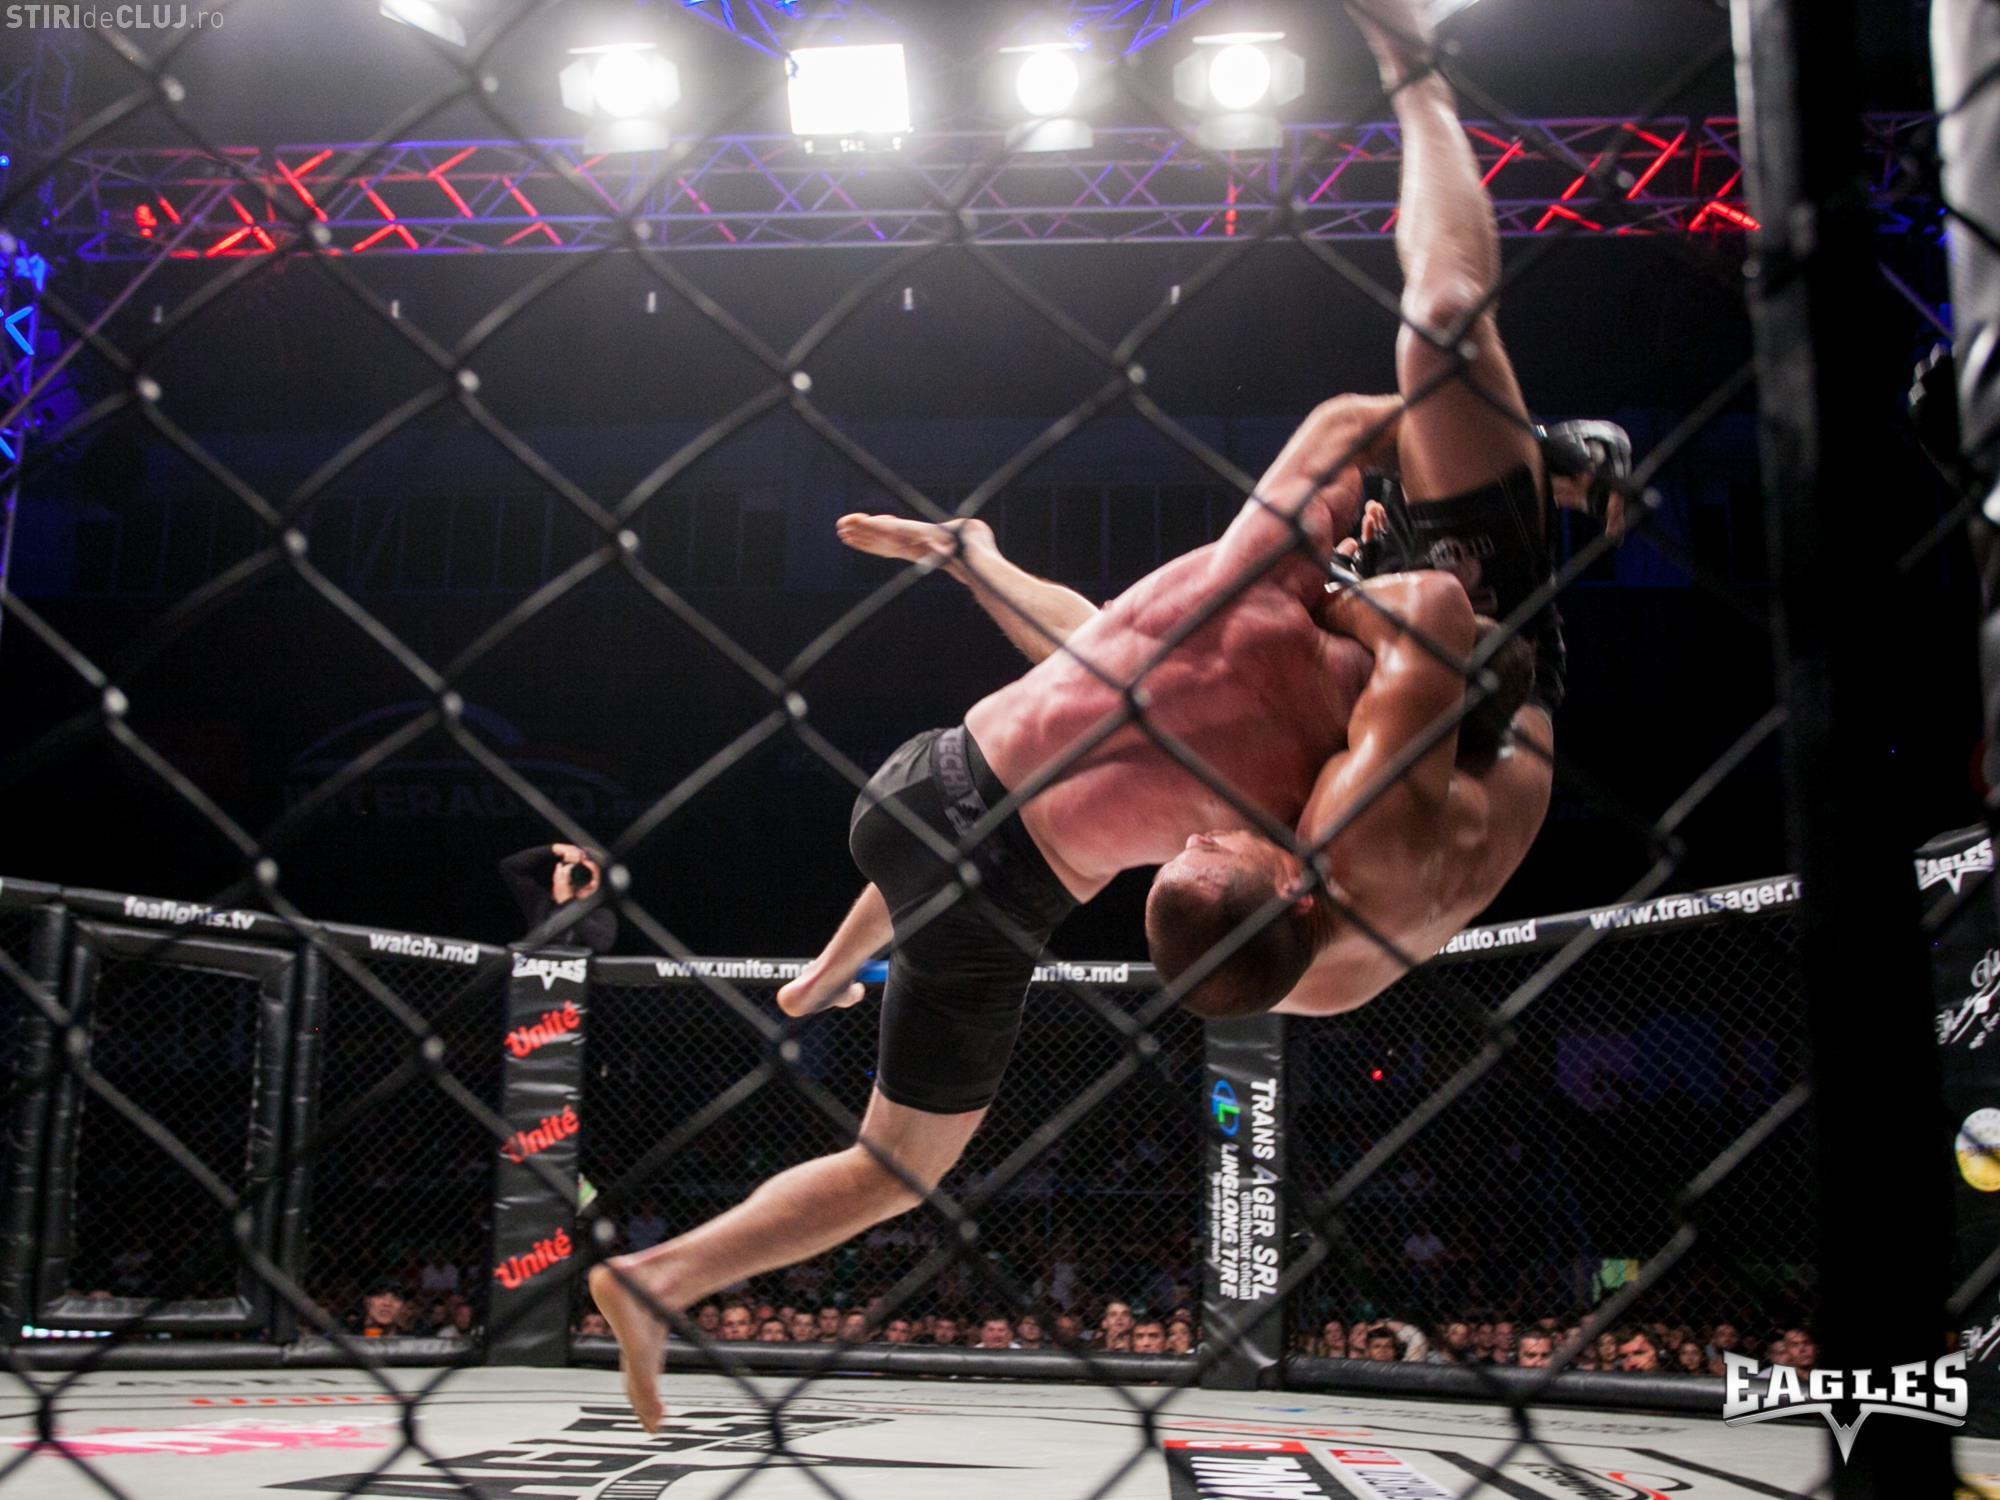 Performanță importantă în sportul clujean! Luptătorul Bogdan Barbu a cucerit centura Eagles Fighting Championship la Chișinău FOTO